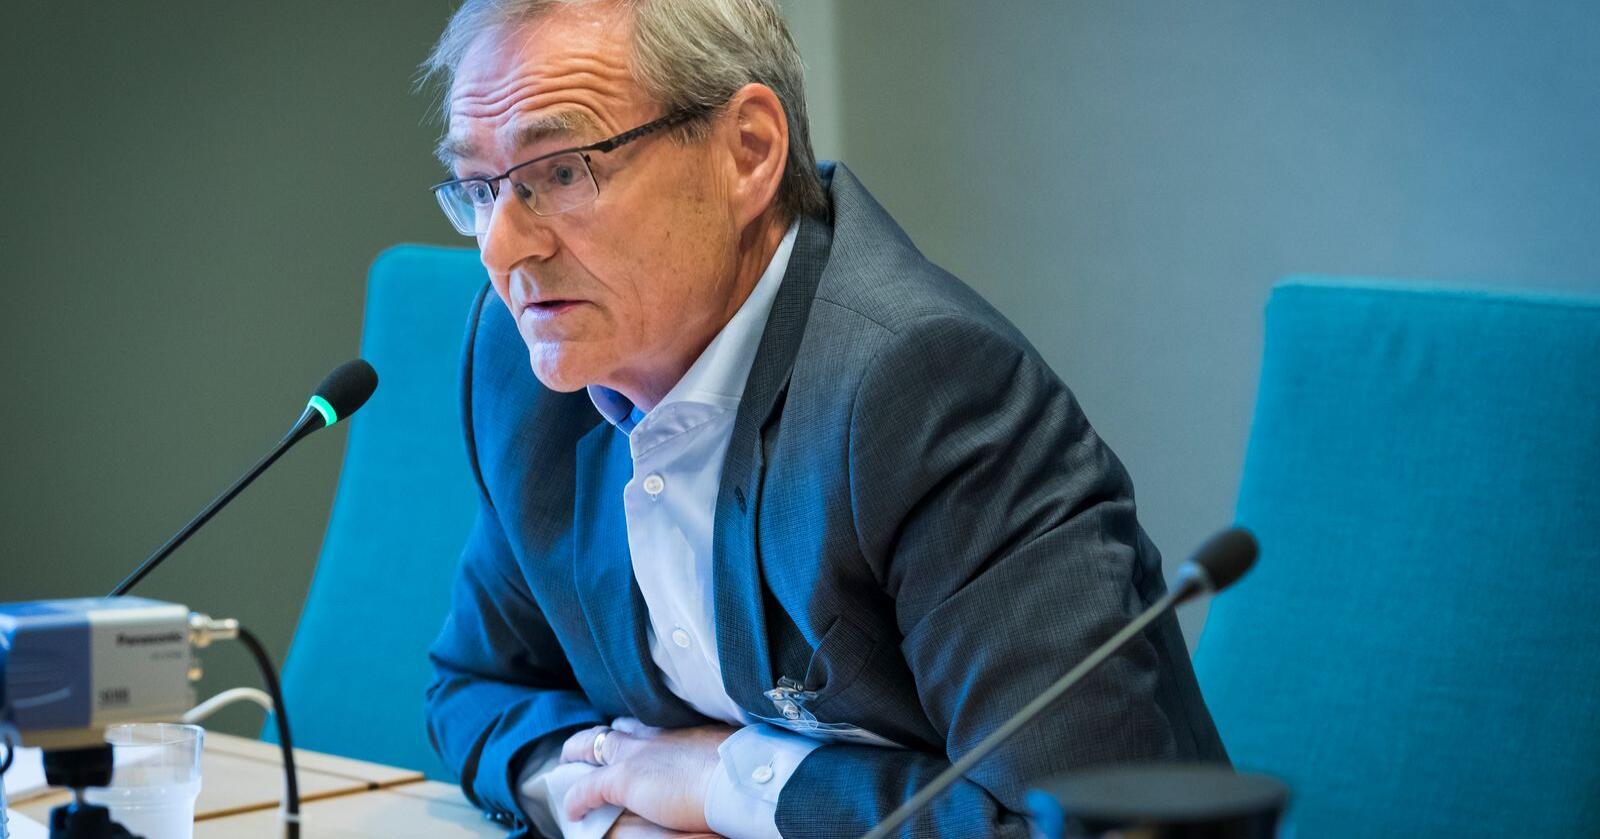 Administrerende direktør Lars Vorland i Helse nord er for forslaget om to sykehus på Helgeland. Arkivfoto: Heiko Junge / NTB scanpix